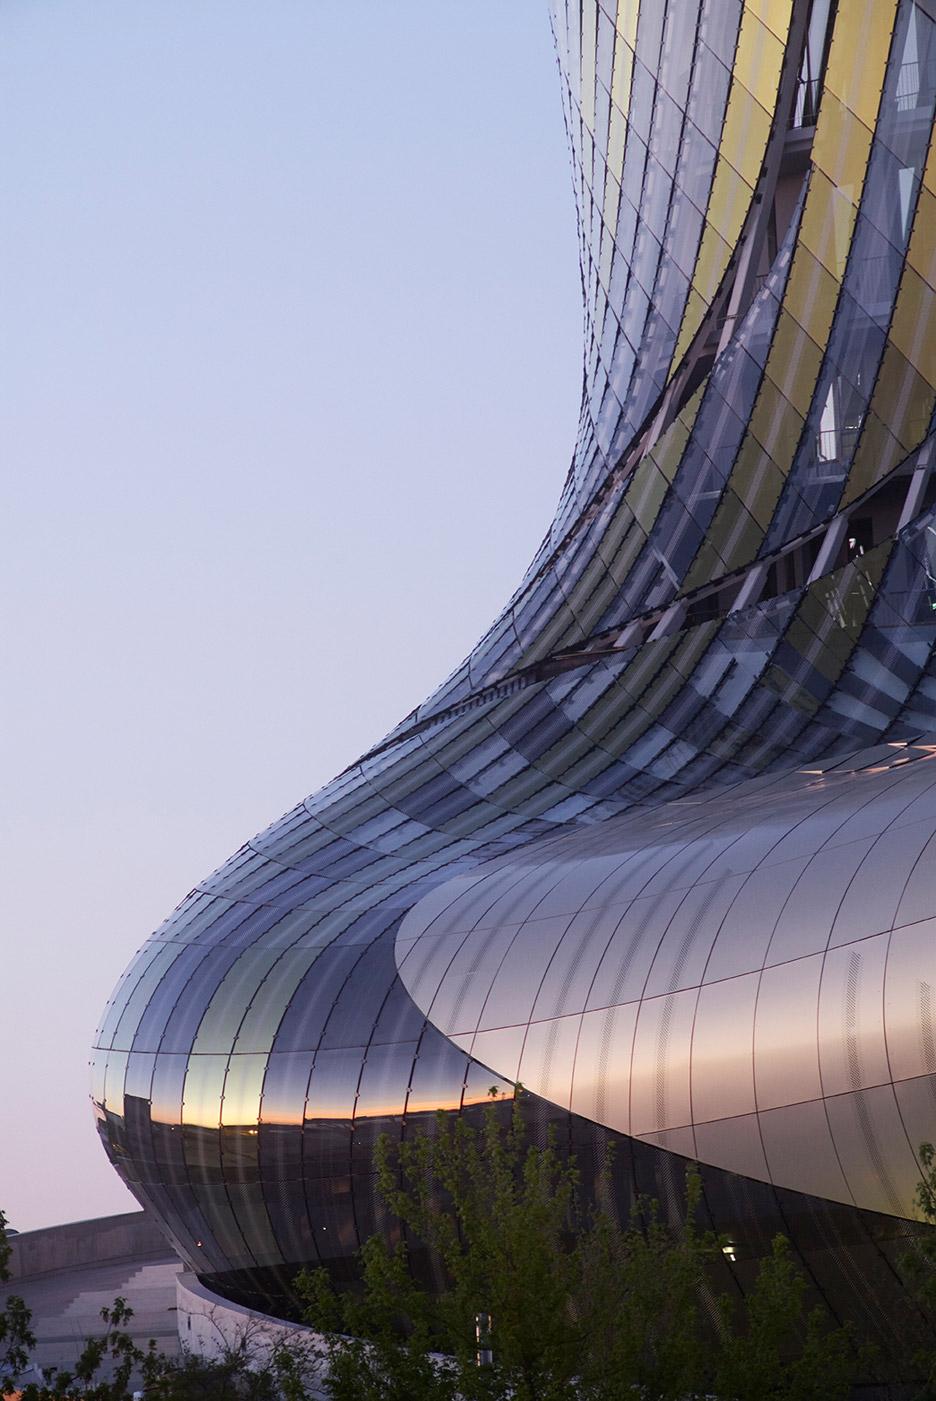 la-cité-du-vin-xtu-architecture-wine-museum-_dezeen_936_136